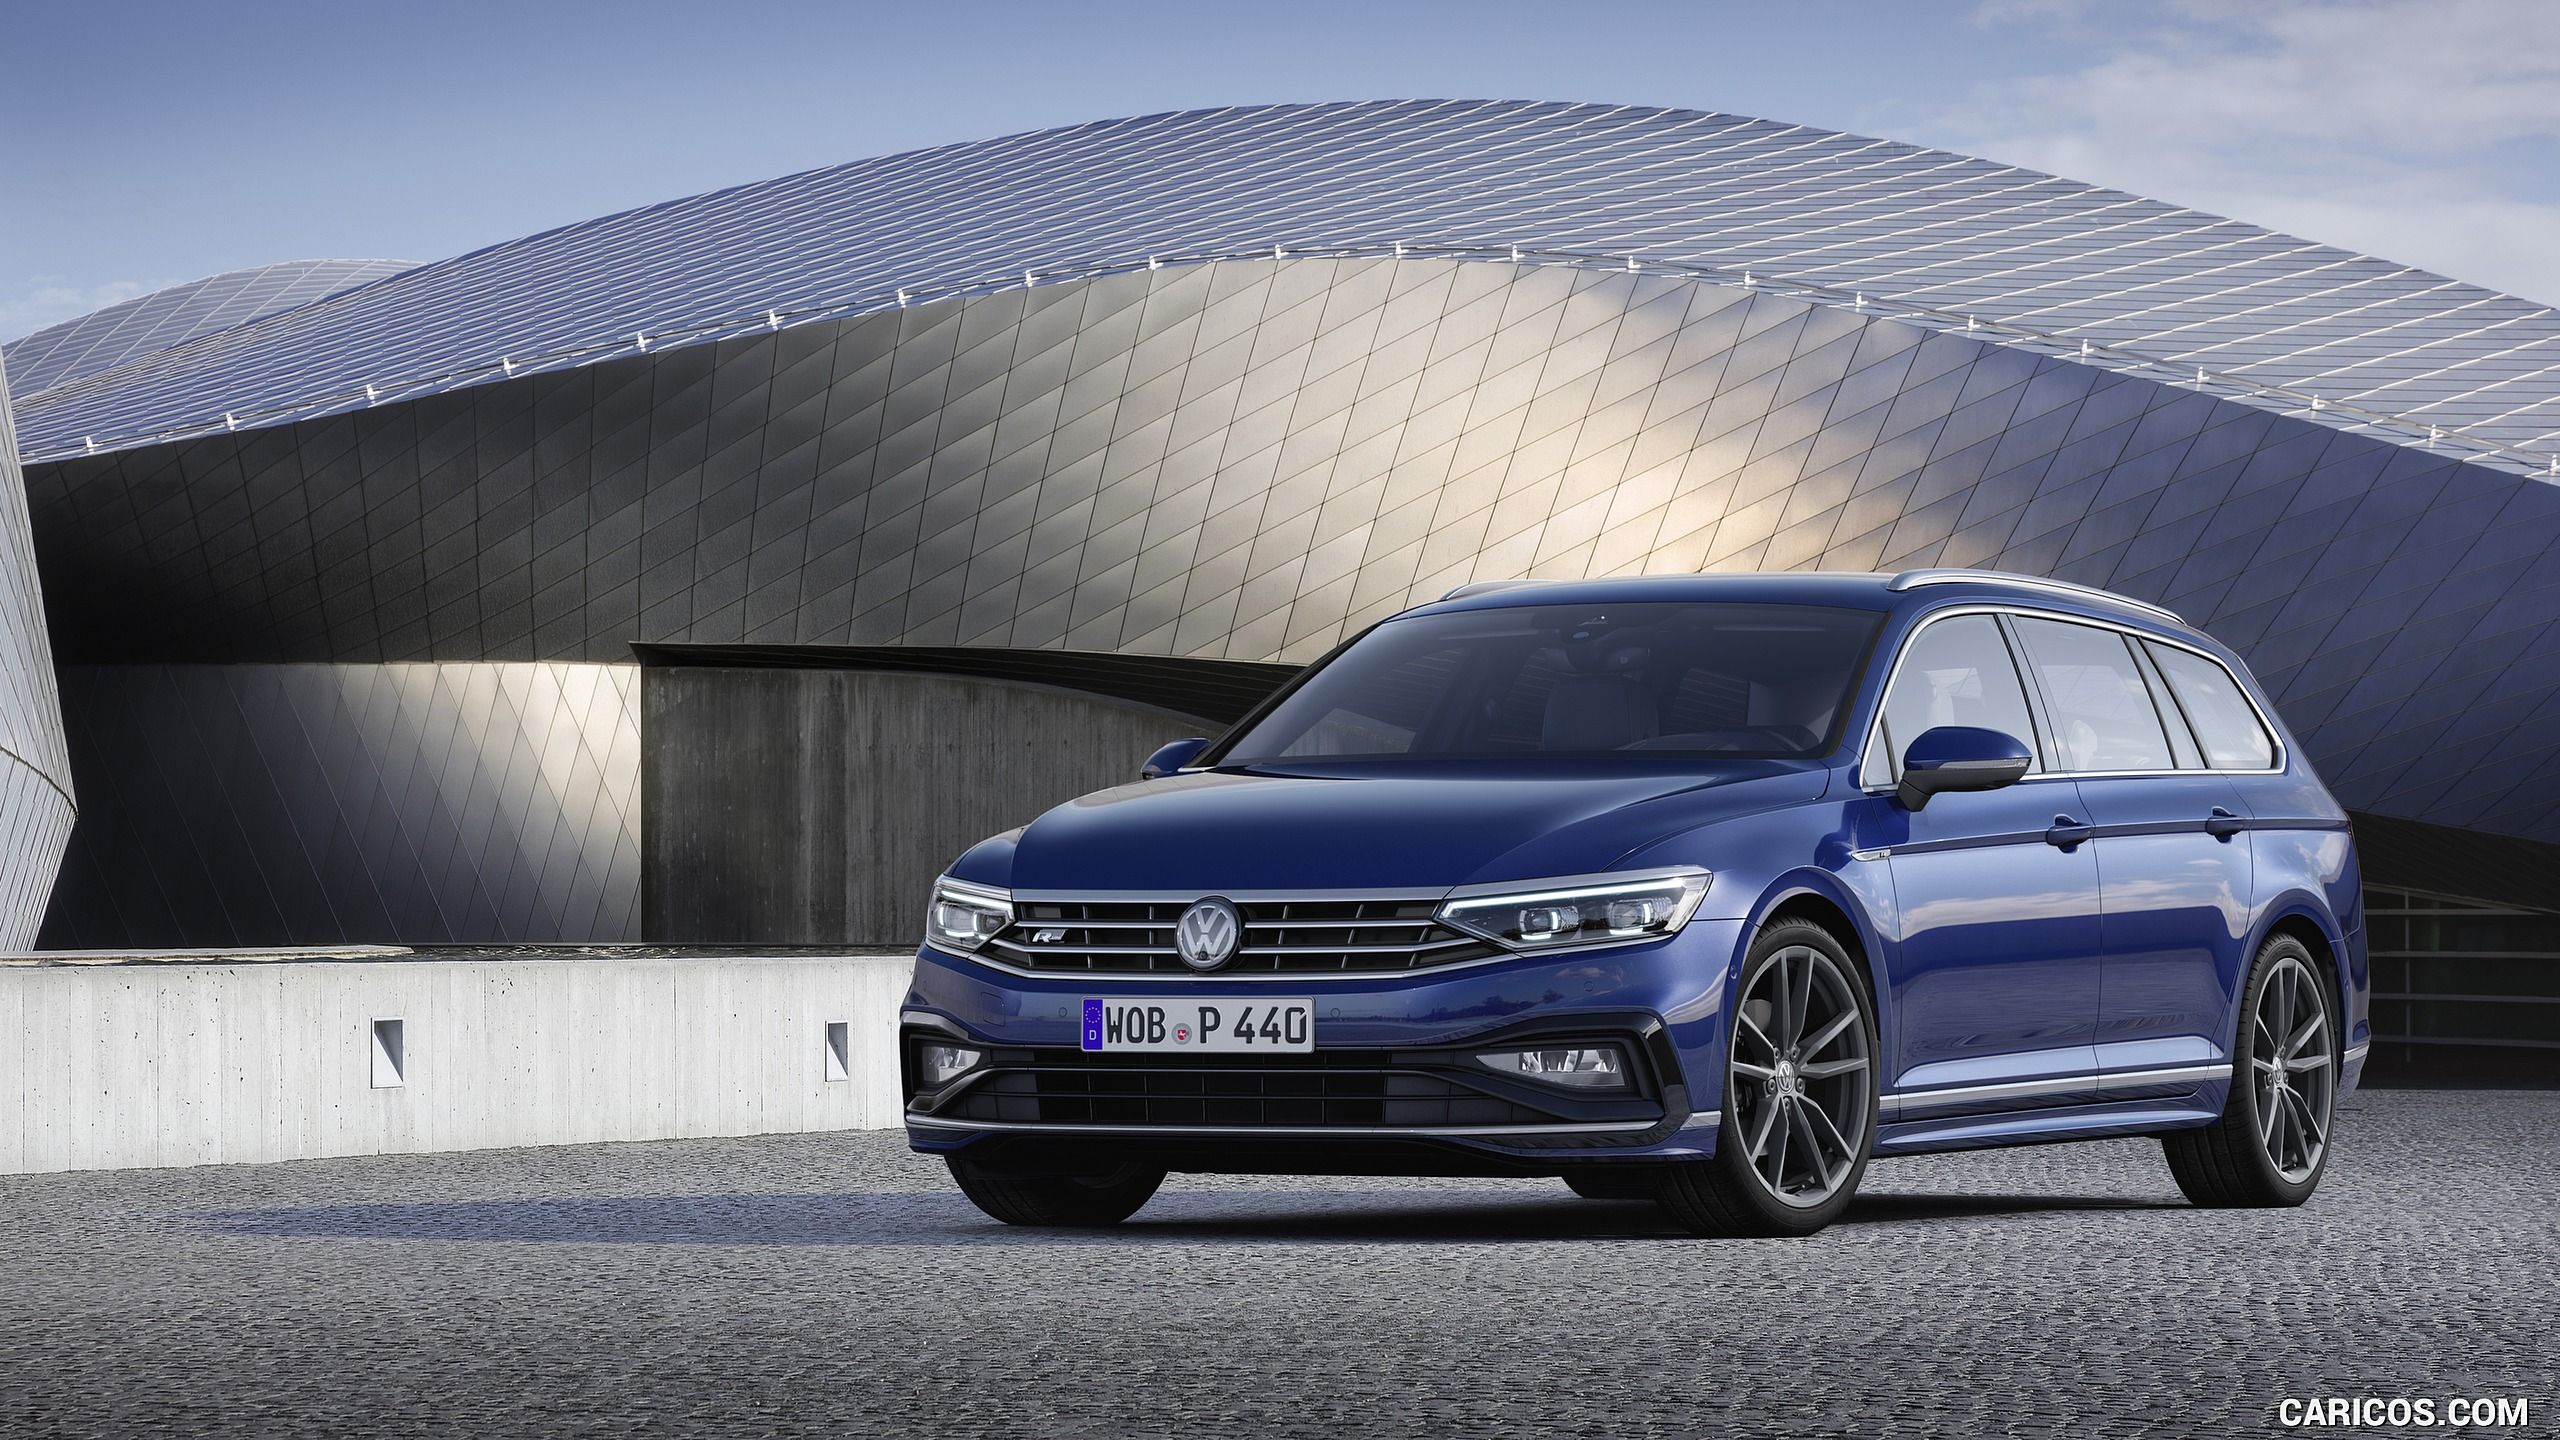 2020 Volkswagen Passat Variant Eu Spec Front Three Quarter Hd Car Volkswagen Volkswagen Passat Vw Passat